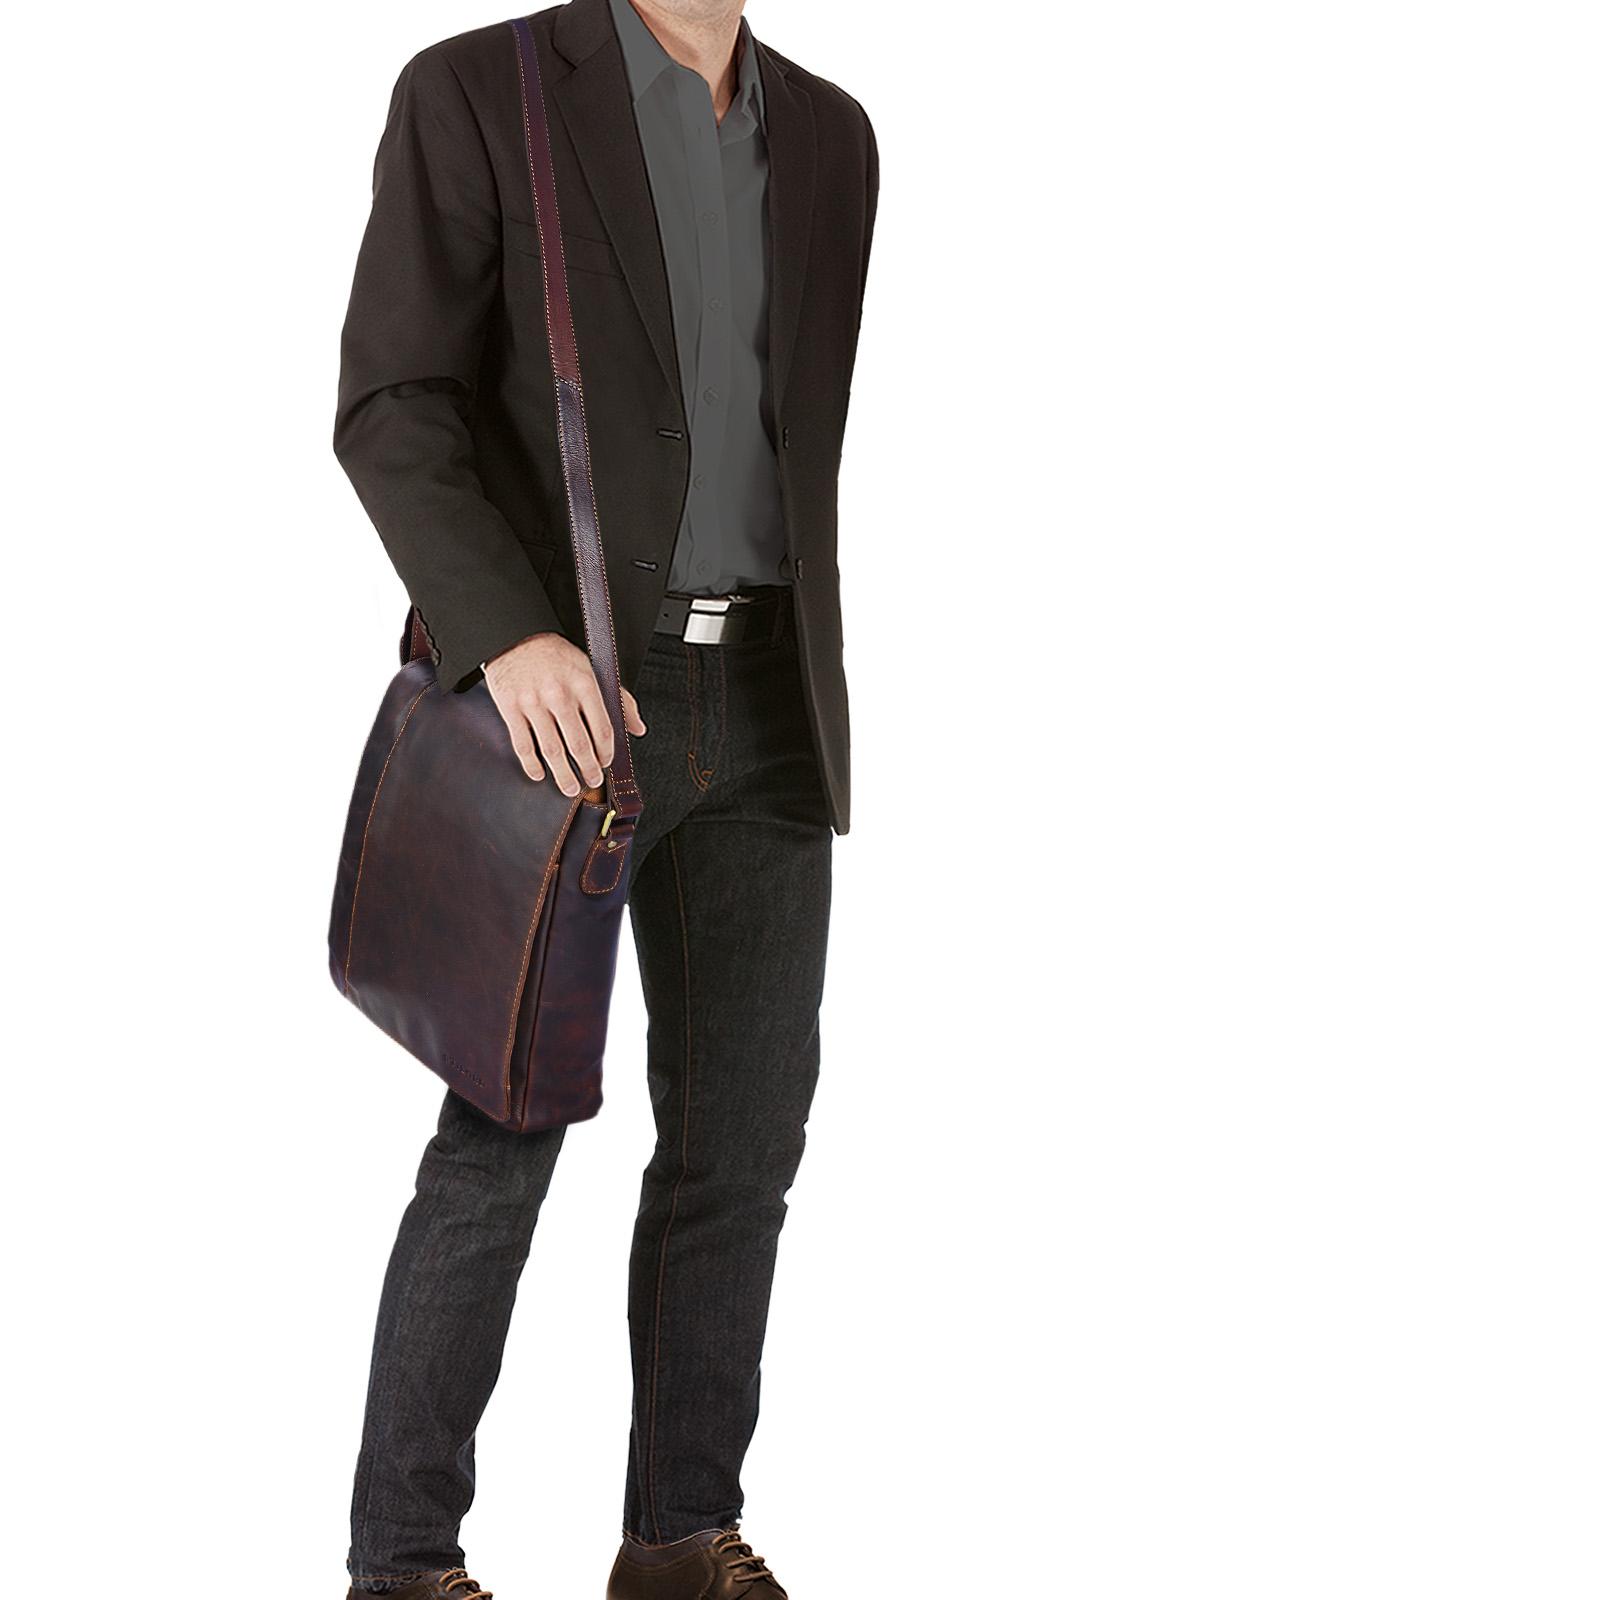 stilord paul umh ngetasche herren leder hochformat braune messenger bag im vintage design. Black Bedroom Furniture Sets. Home Design Ideas